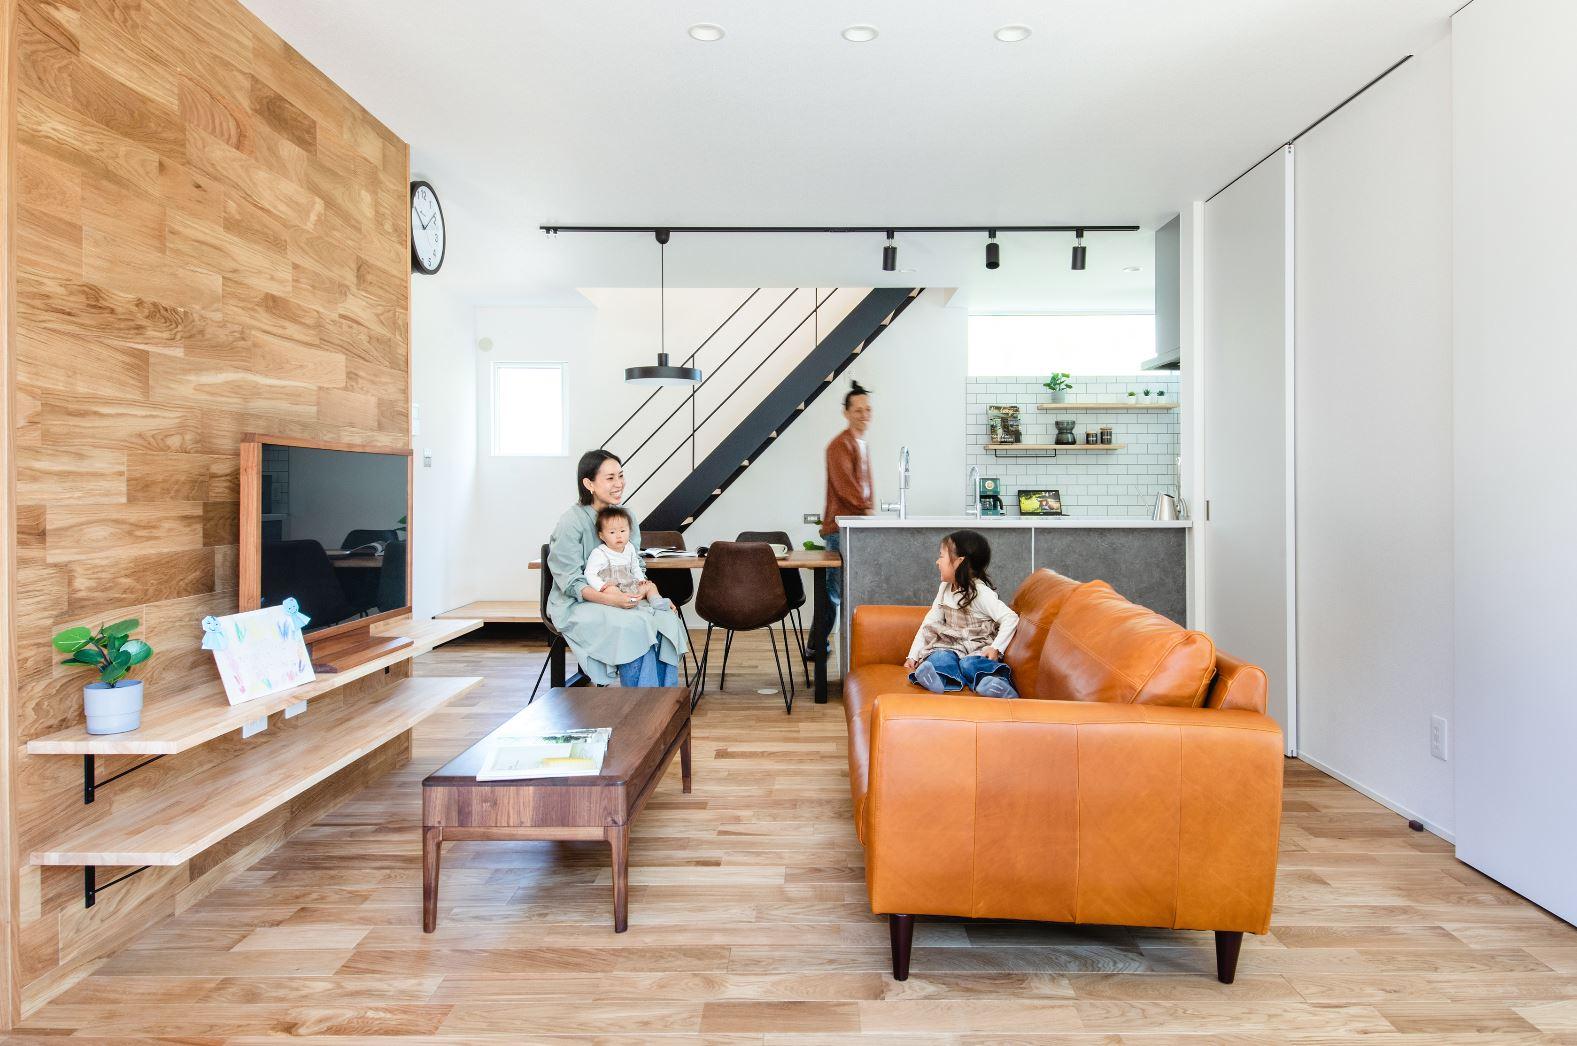 S.CONNECT(エスコネクト)【デザイン住宅、収納力、間取り】ブラックのアイアン階段が目を引く広々としたリビングダイニング。テレビ台の木張りが温かみを演出